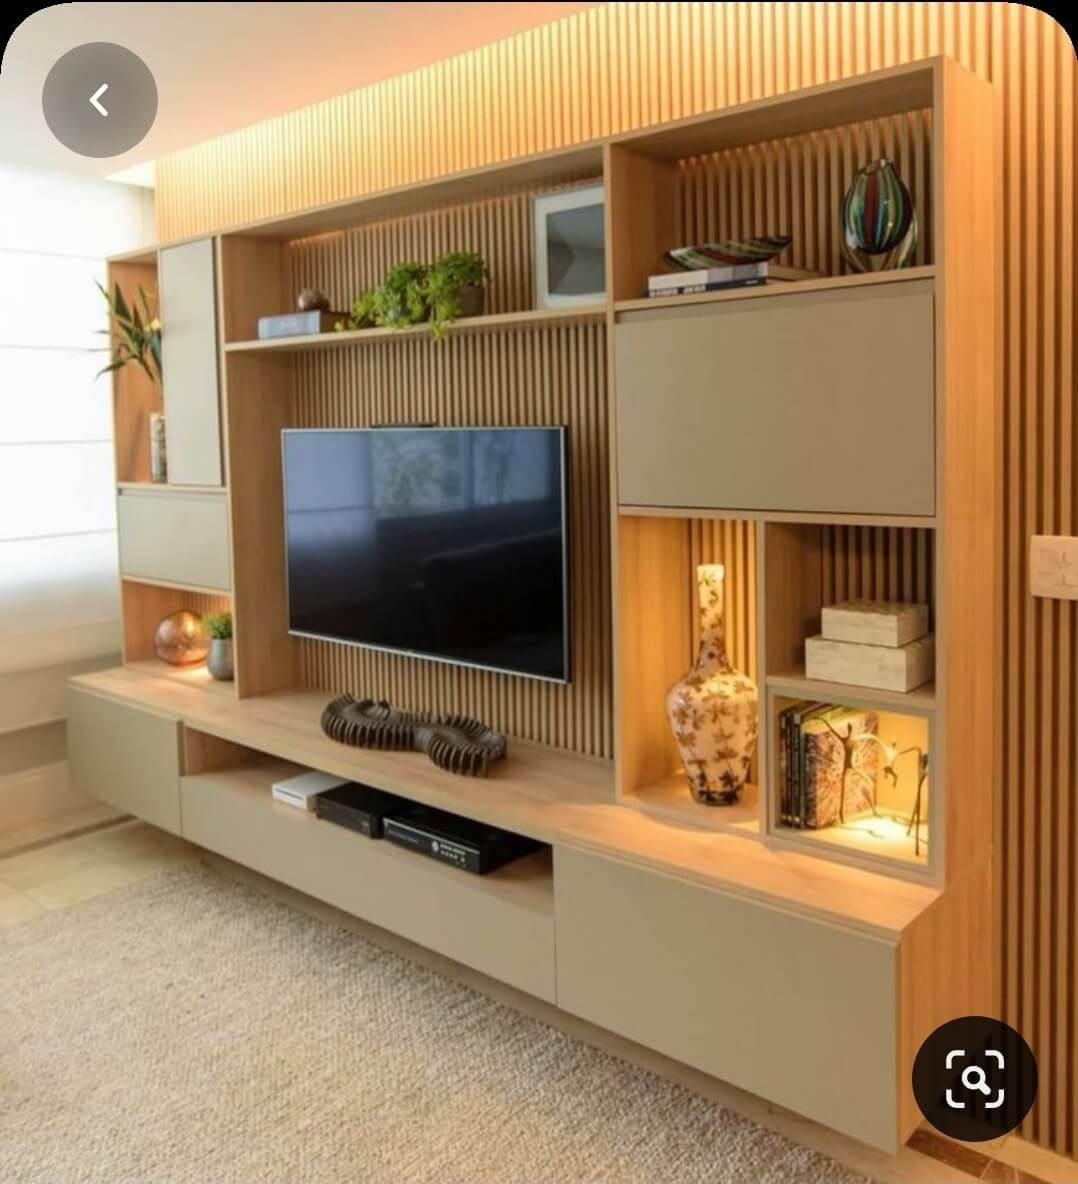 design-en-menuiserie-moderne-020521182620-img